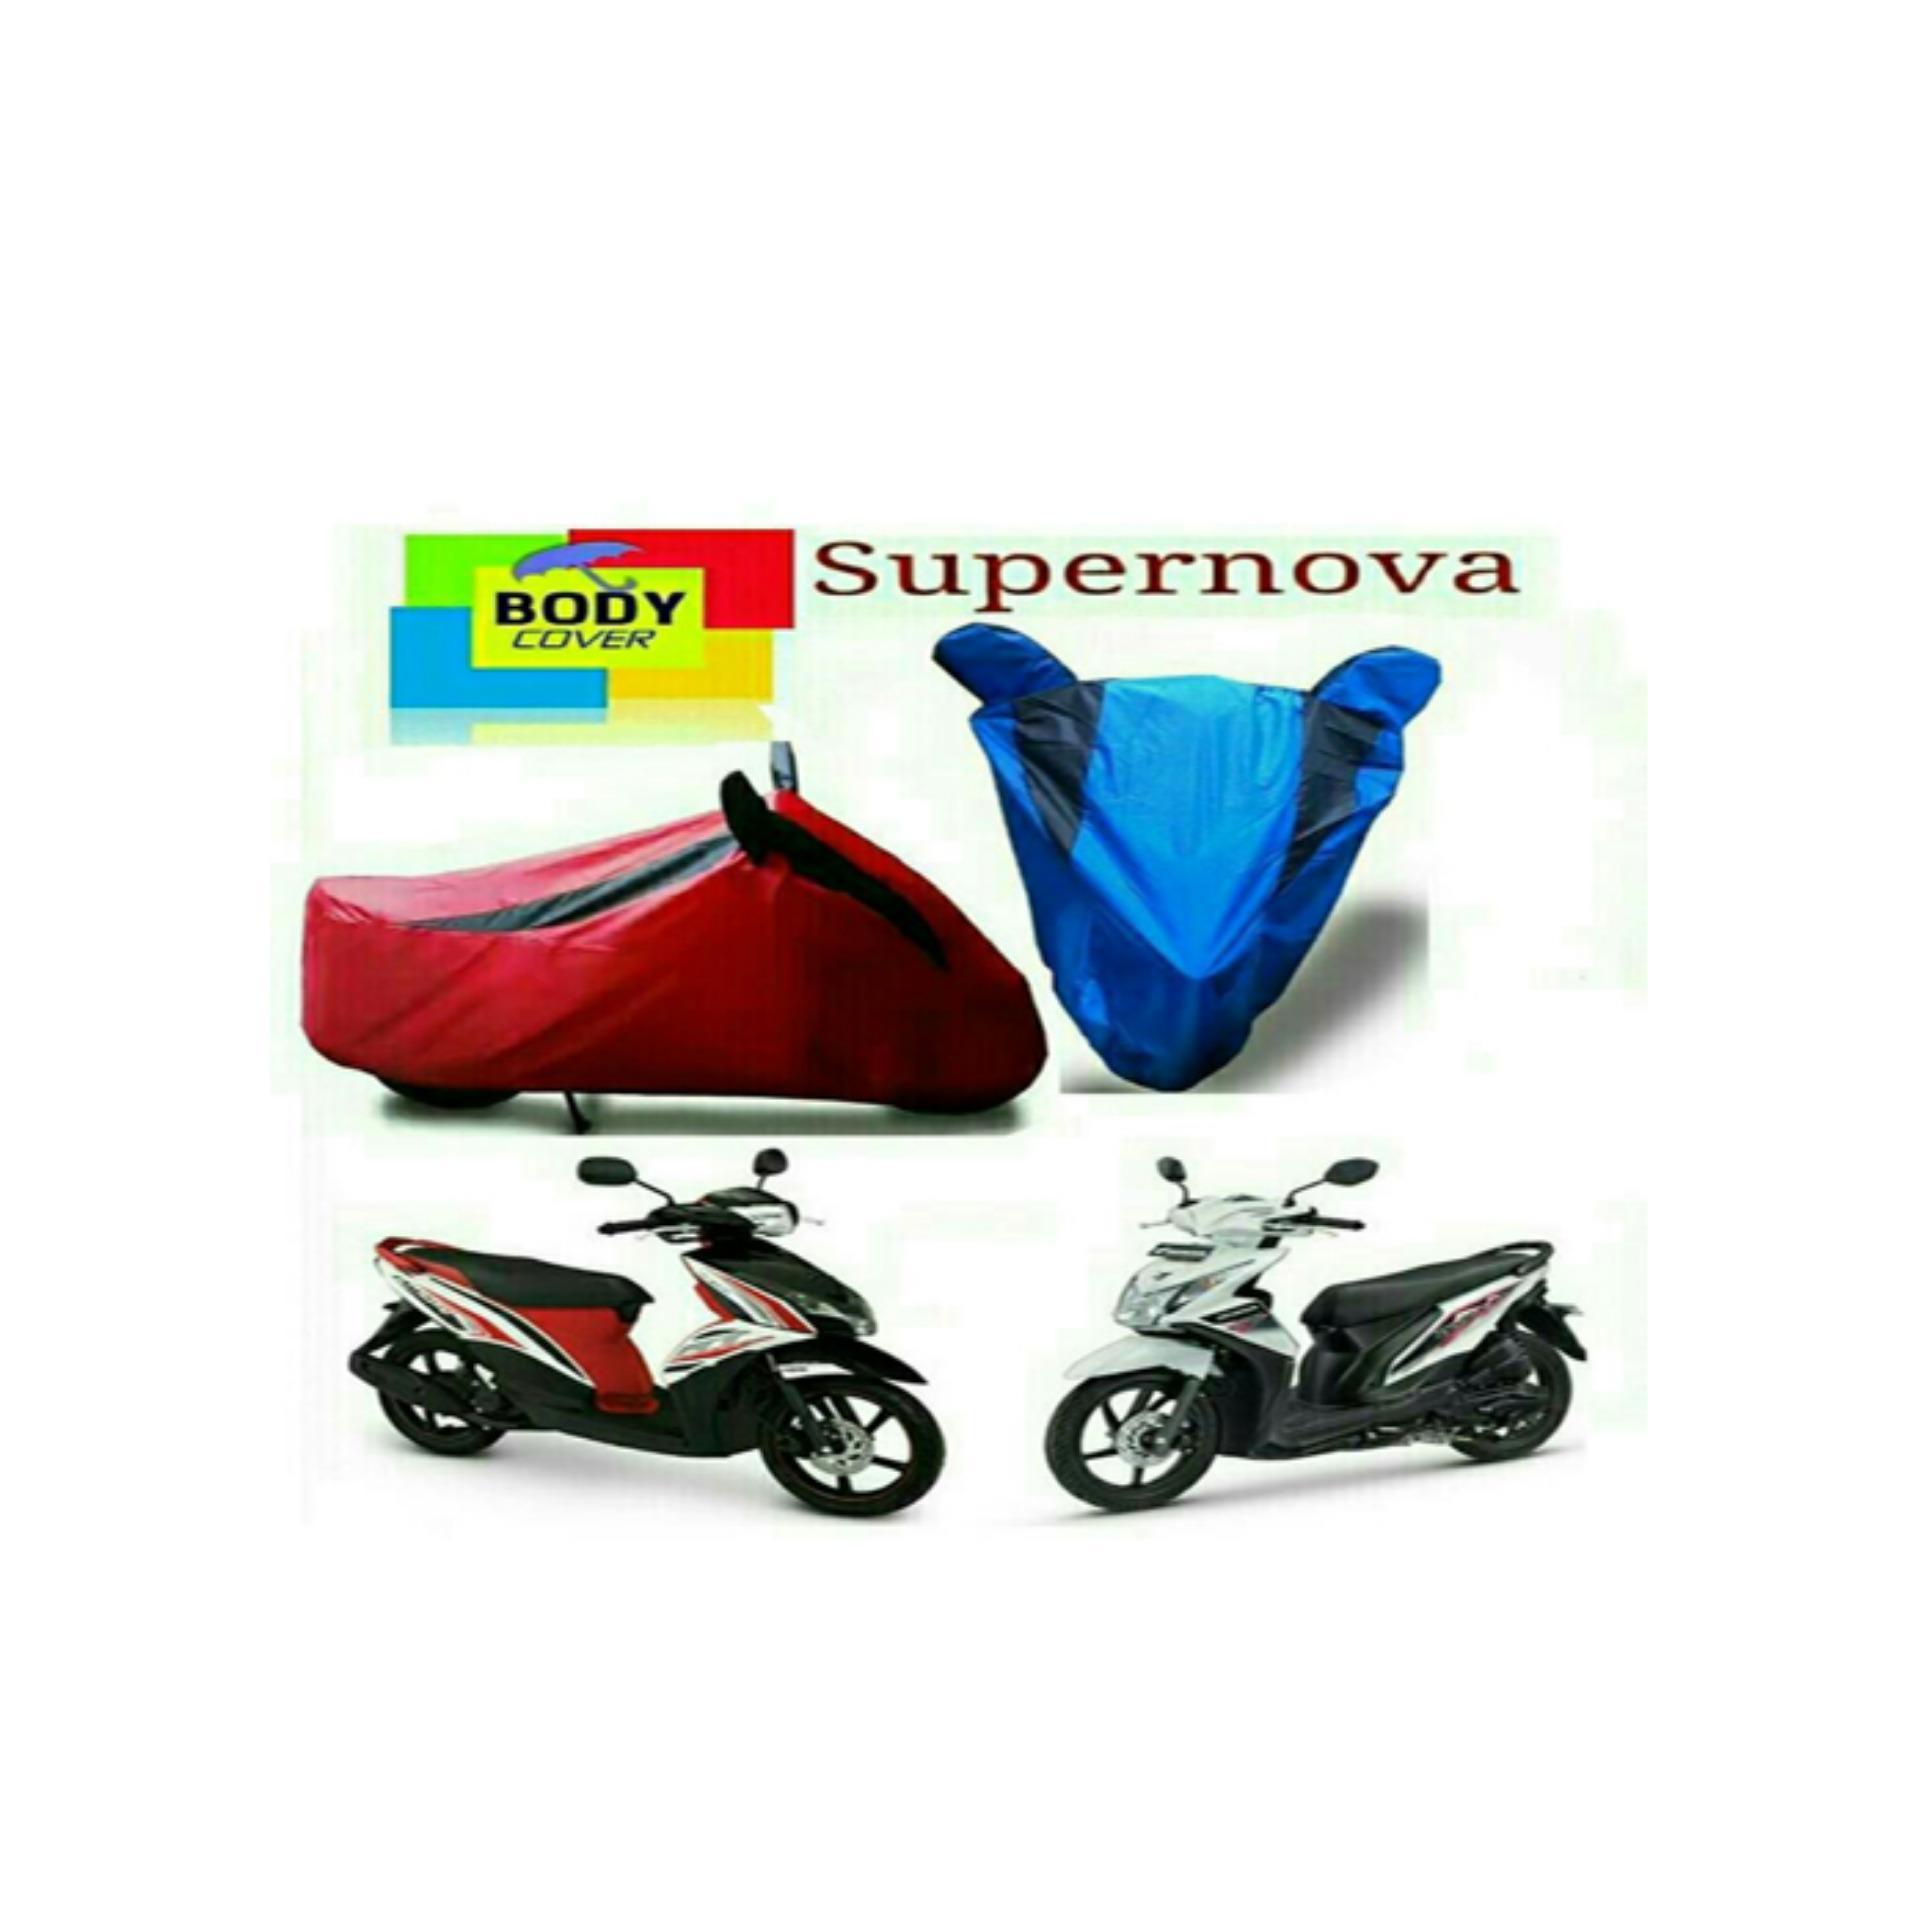 Jari Jari Motor Honda Bebek ukuran 159. Source ... selimut /mantel/